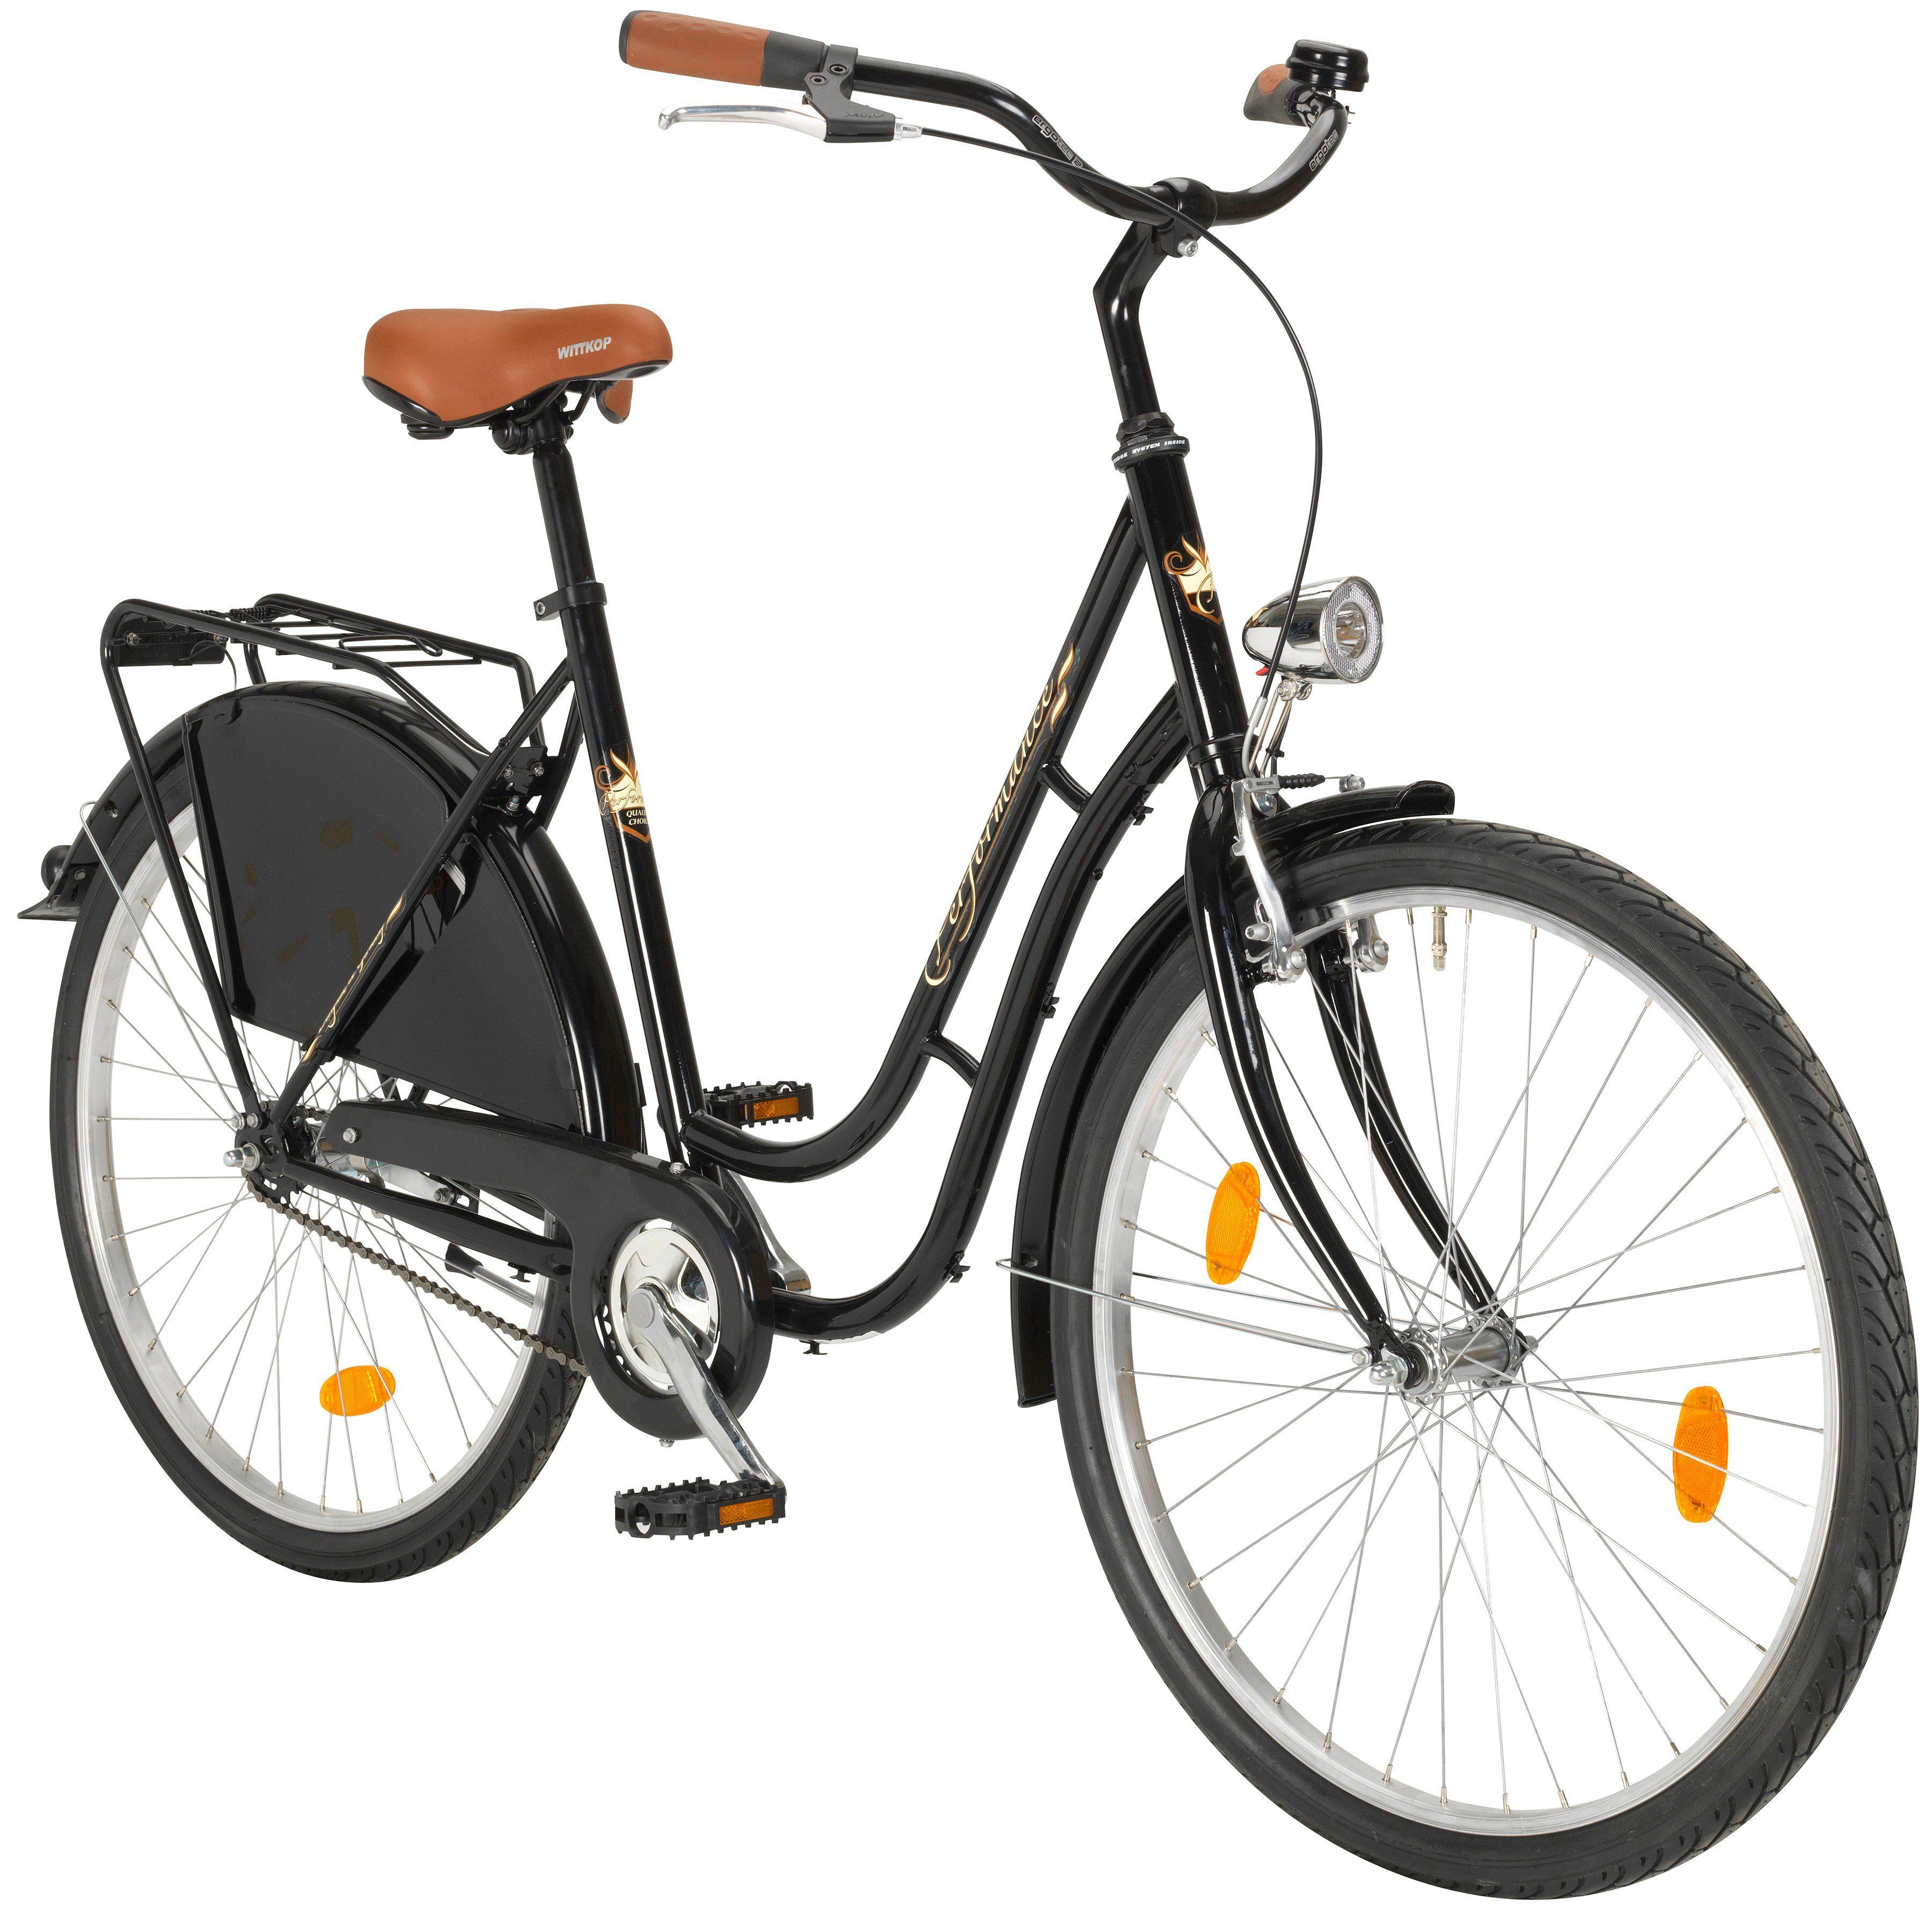 PERFORMANCE Citybike Damen »Groningen«, 26 Zoll, 1 Gang, Rücktrittbremse